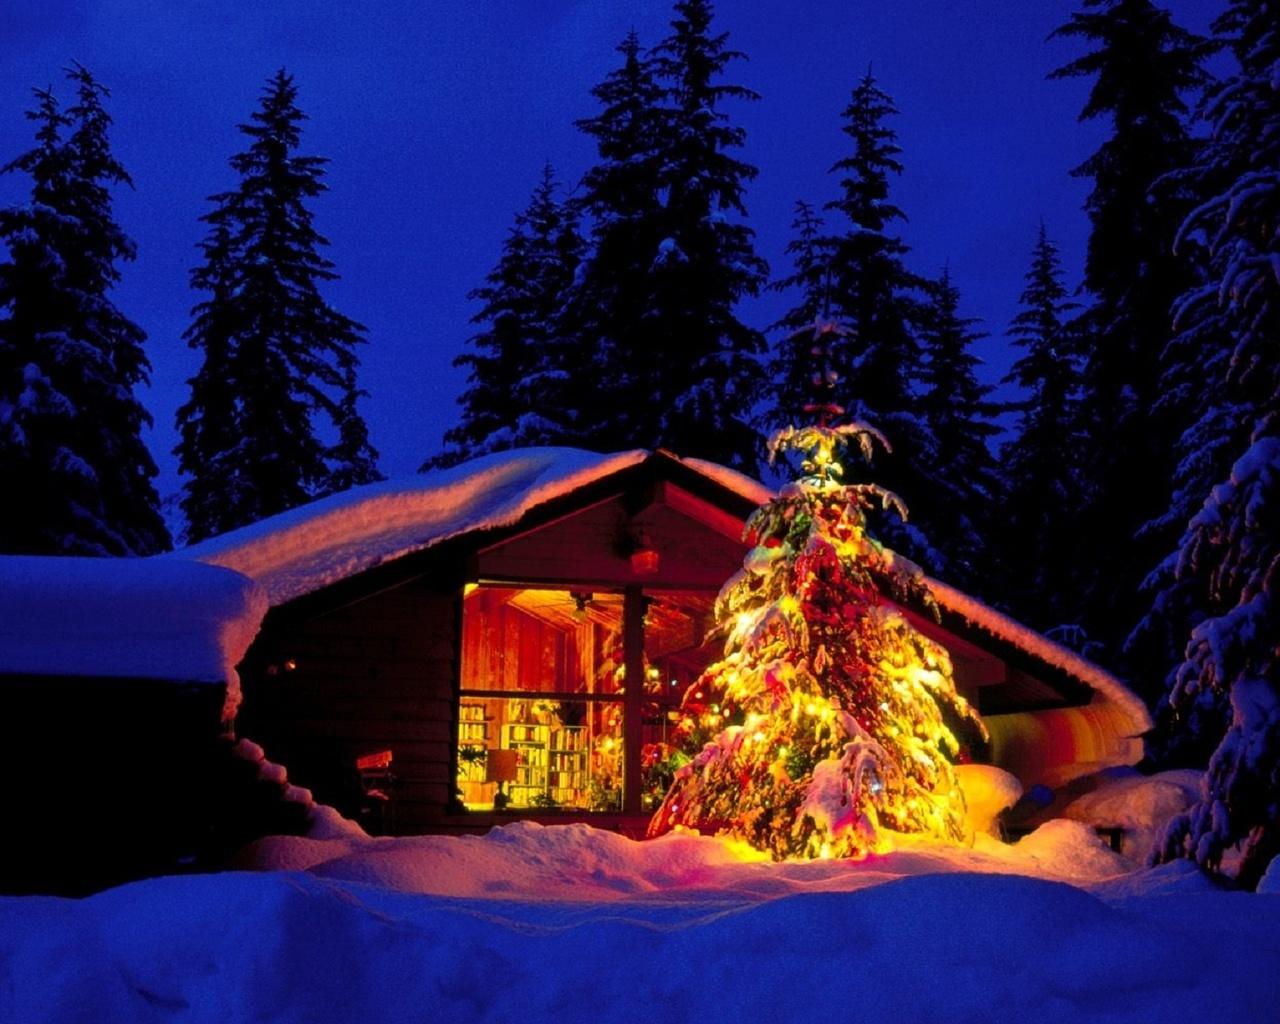 полноцветная новый год в лесной хижине картинки пожар дело